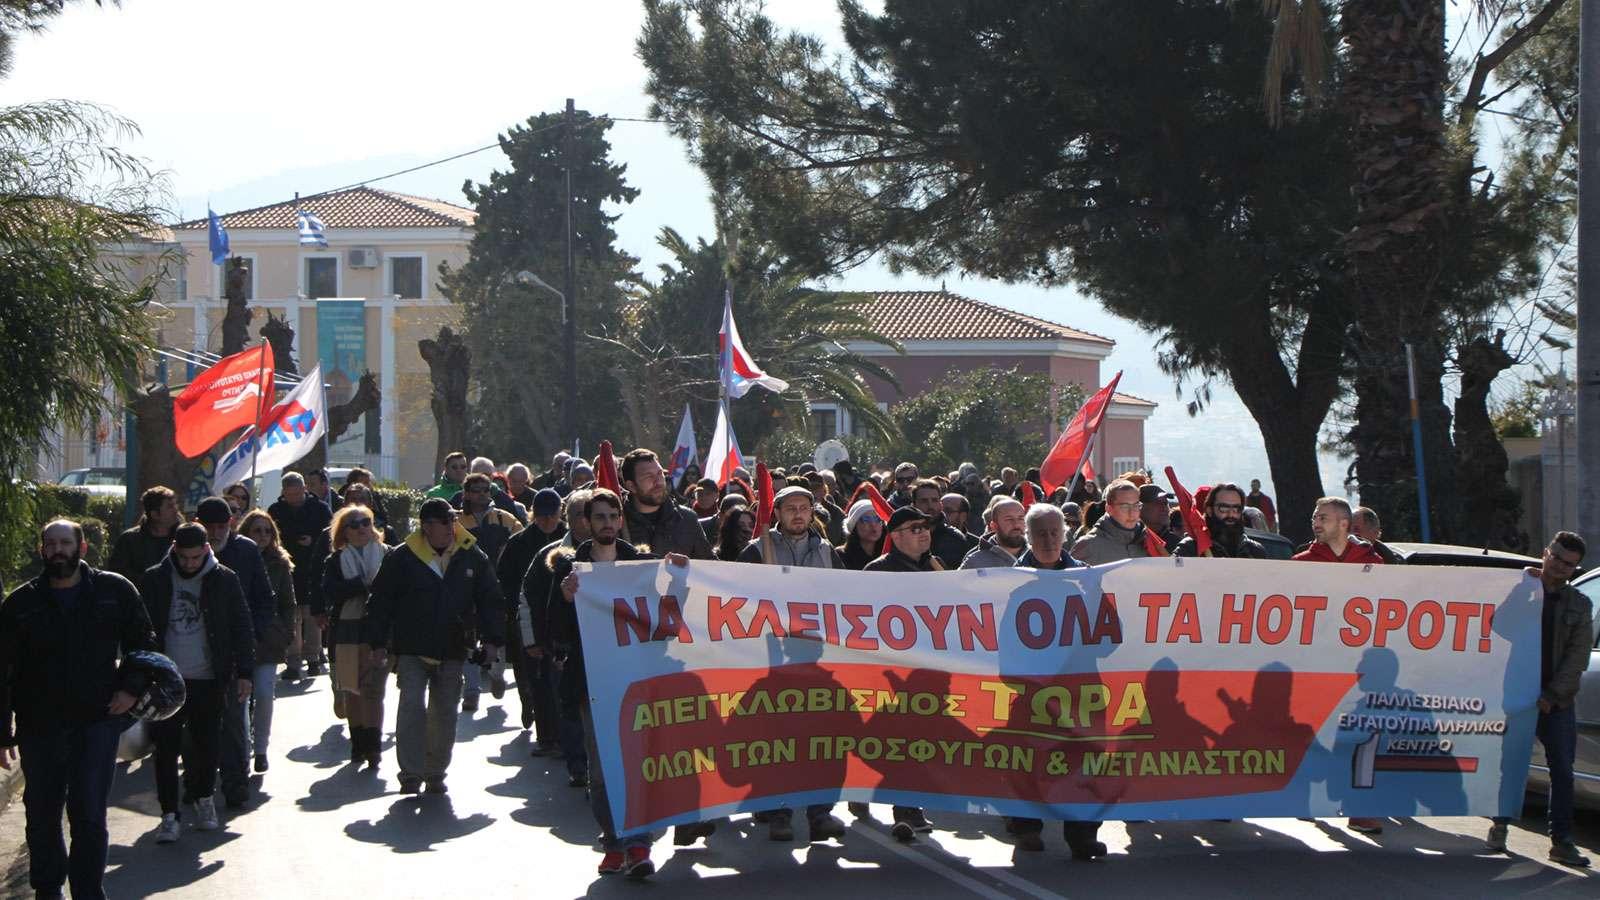 ΣΑΜΟΣ ΧΙΟΣ Συγκεντρώσεις ενάντια στην πολιτική του εγκλωβισμού και της καταστολής προσφύγων και μεταναστών 3